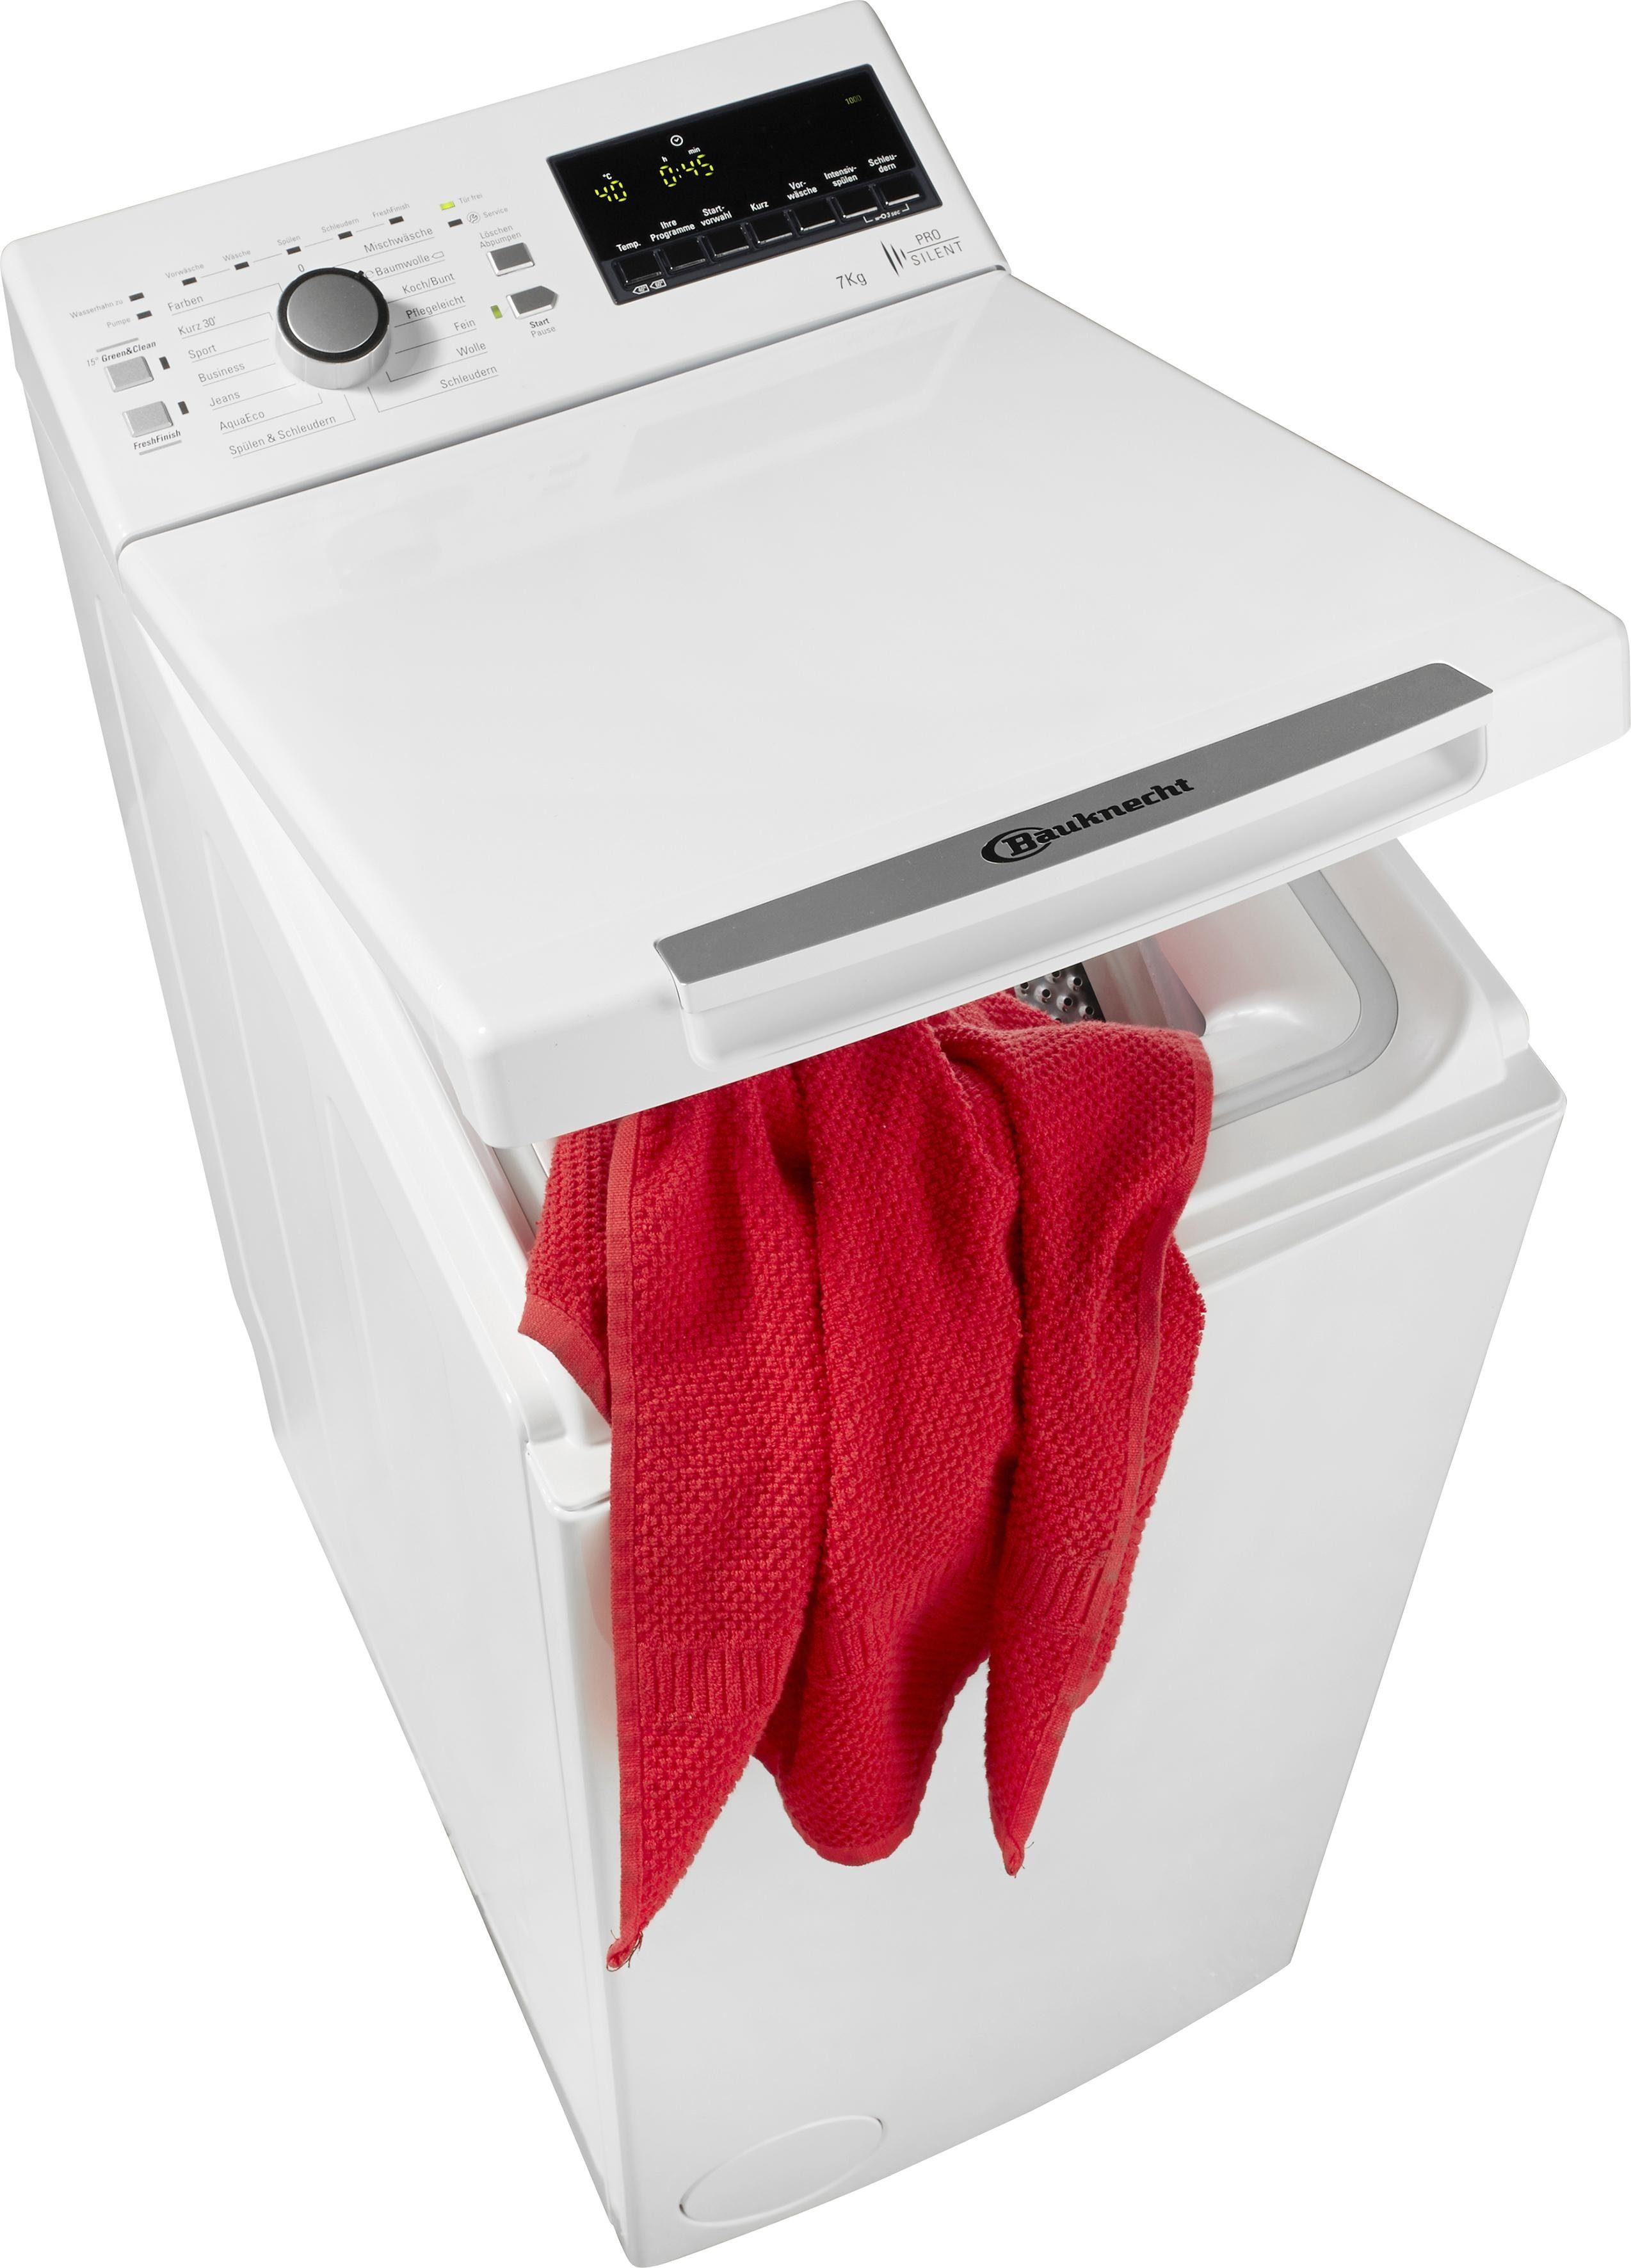 BAUKNECHT Waschmaschine Toplader WMT Trend 722 PS, 7 kg, 1200 U/Min